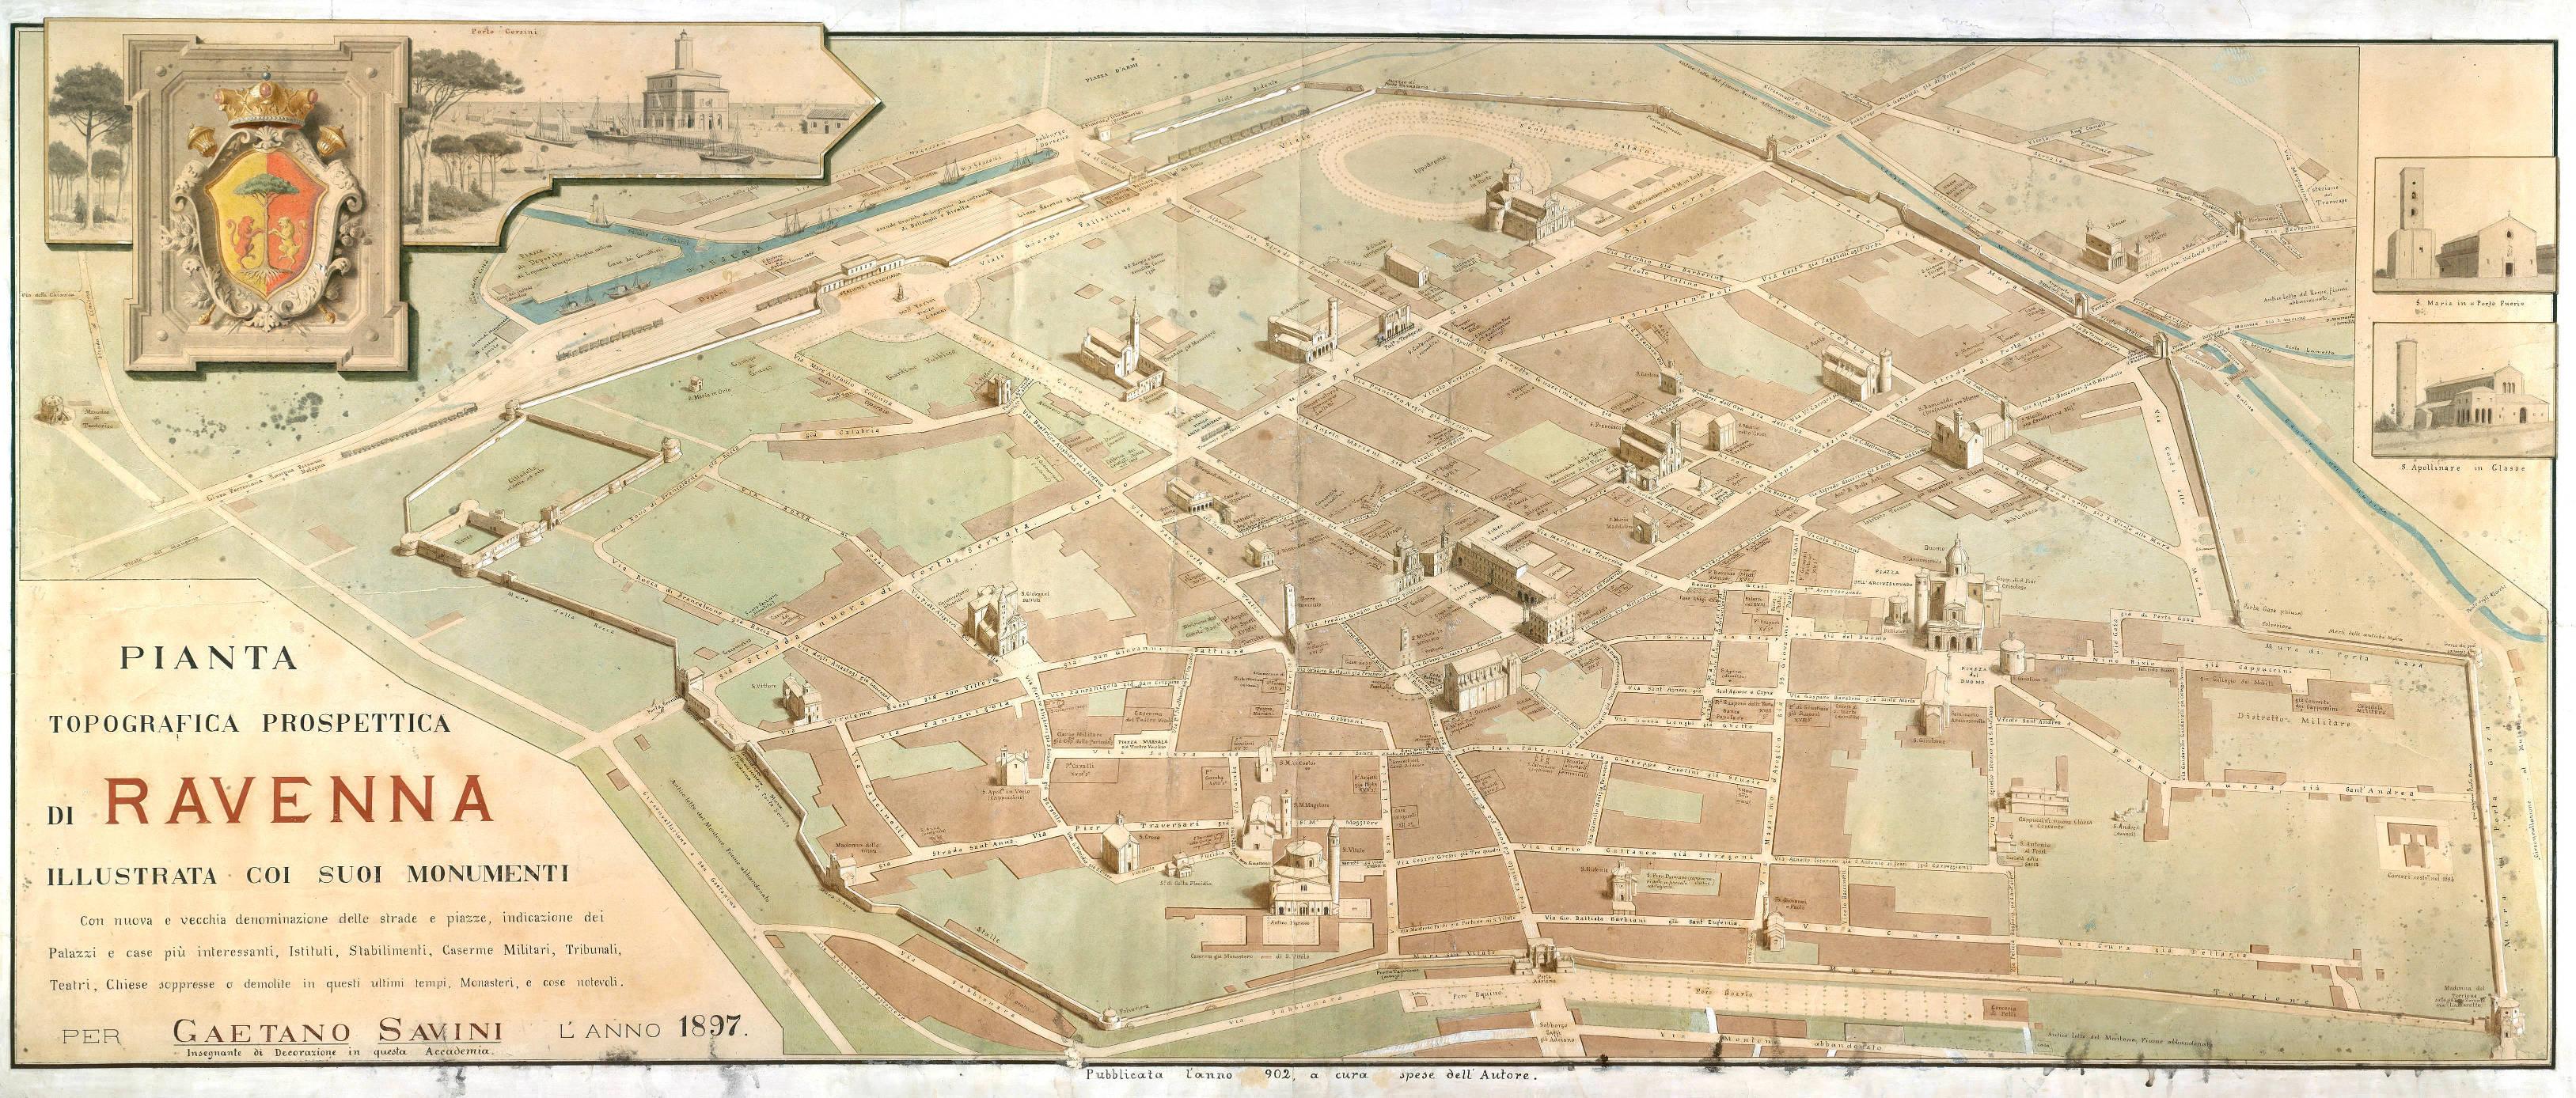 Pianta topografica prospettica di Ravenna illustrata coi suoi monumenti autore: Gaetano Savini data: 1897 contenuta in: G. Savini, Piante panoramiche